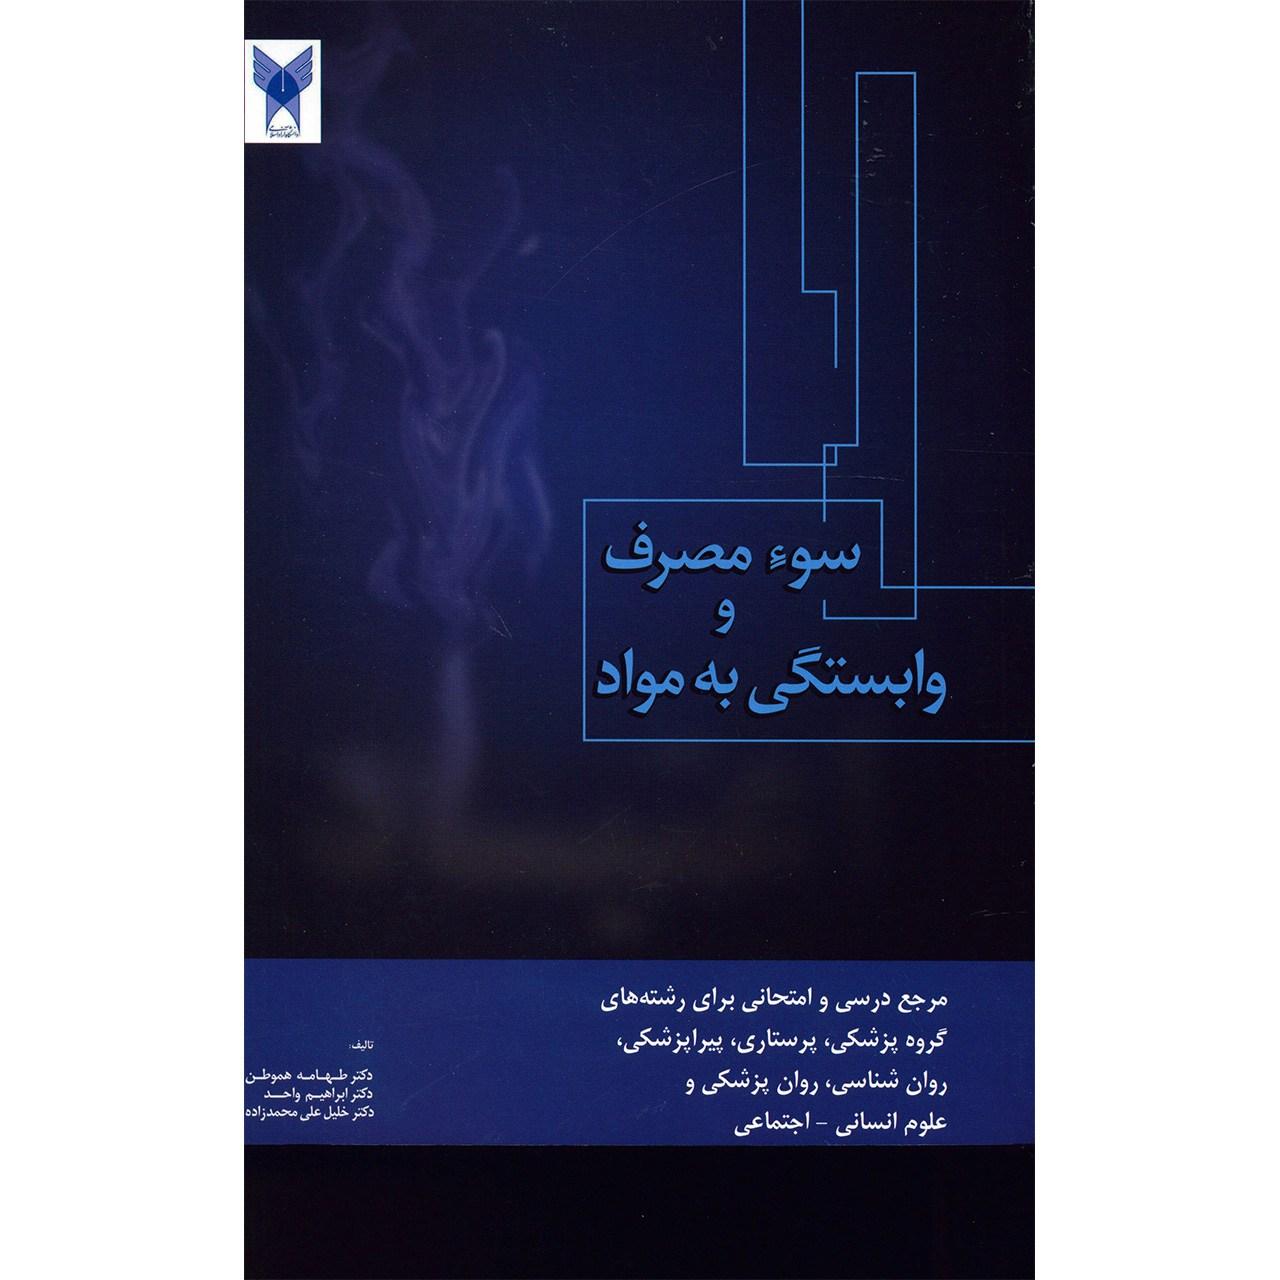 کتاب سوء مصرف و وابستگی به مواد اثر طهامه هموطن